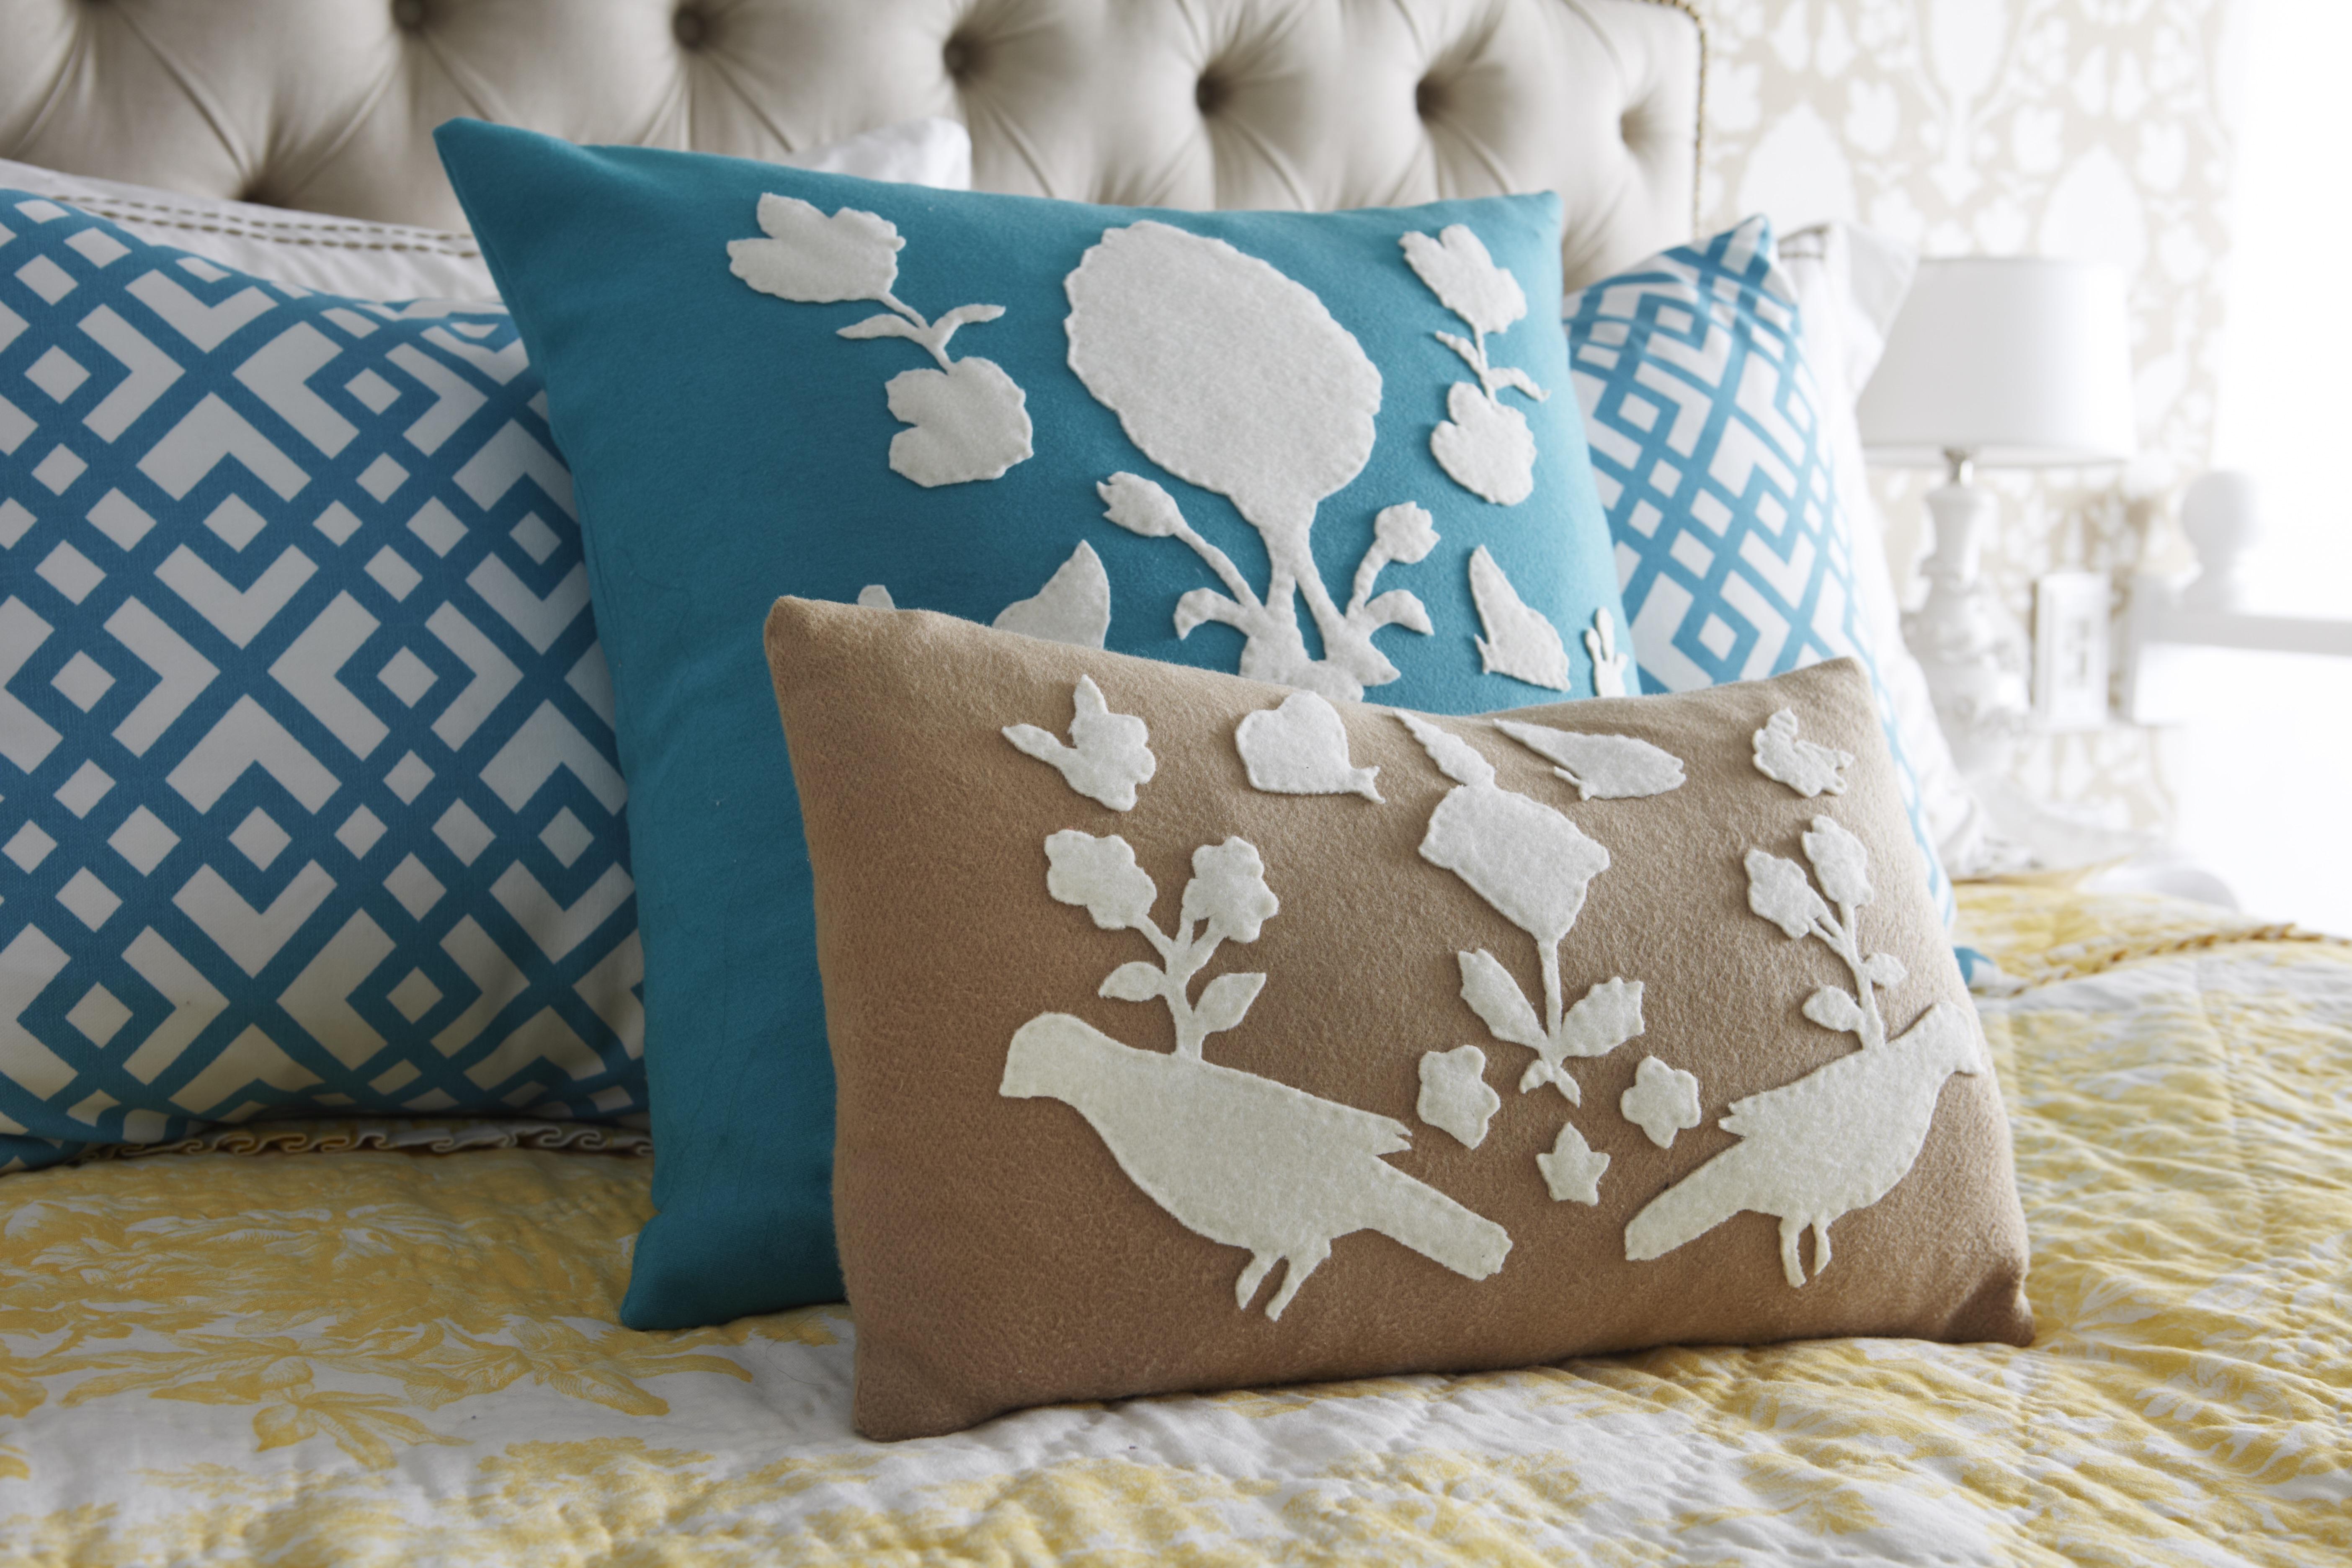 2 Felt Applique Pillows - Paper Pillow: Felt Appliqué From a Wallpaper Template